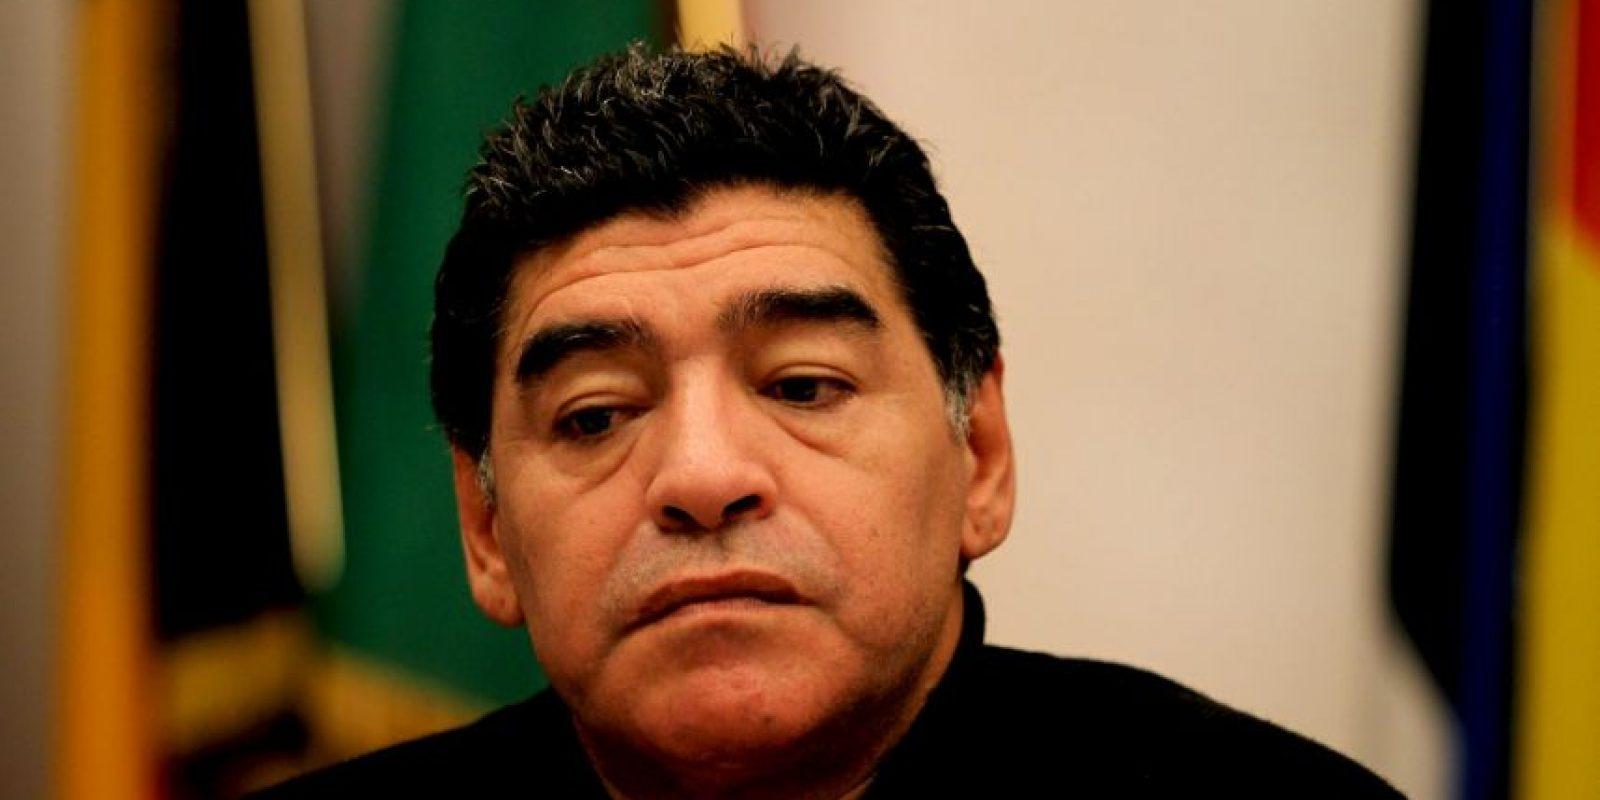 5. La recaída de Maradona. El exastro se dejó ver en estado de ebriedad y golpeó a su exmujer Rocío Oliva, entre otros problemas Foto:Getty